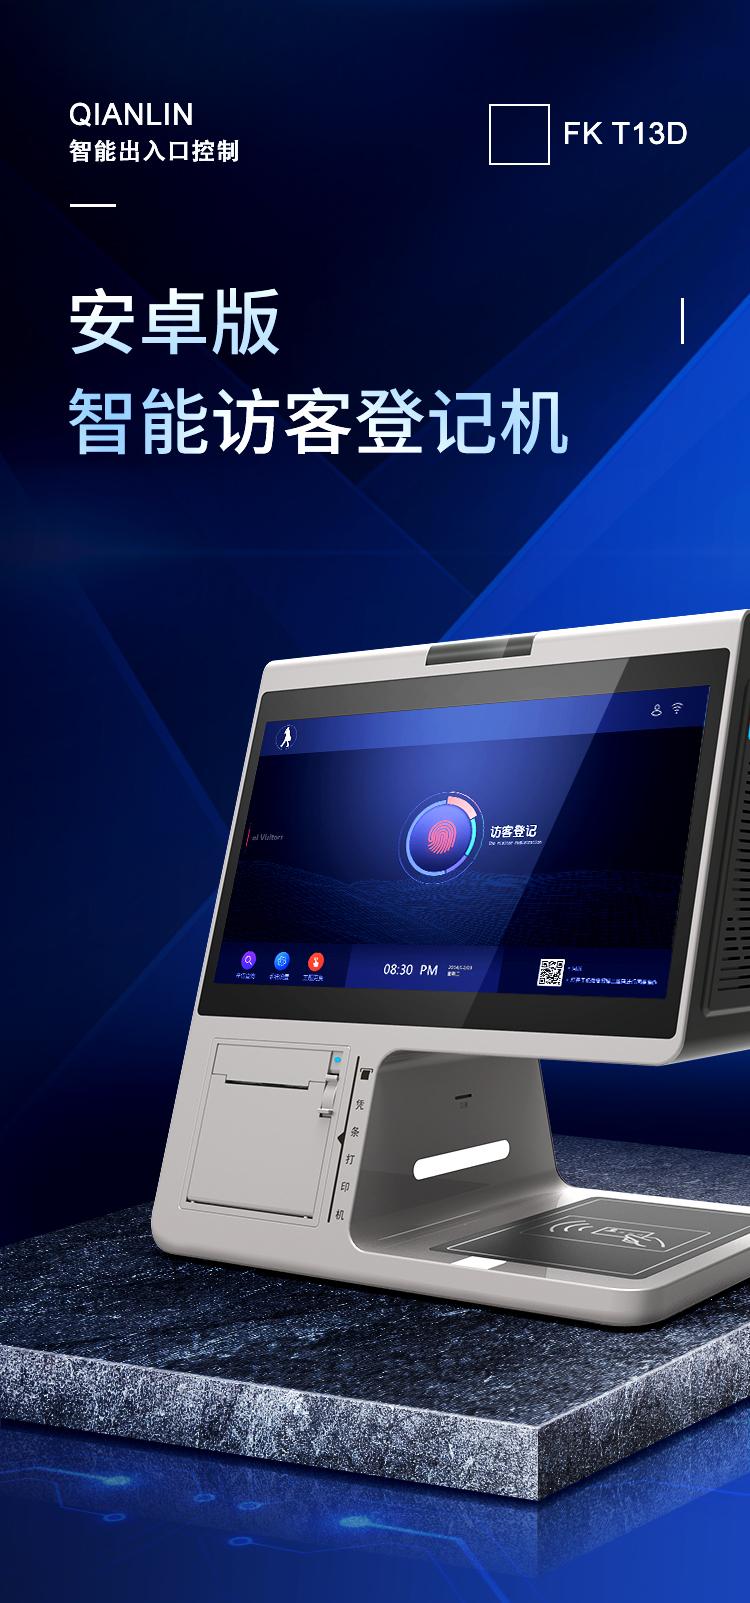 安卓版智能访客登记机 QL-FK T13D